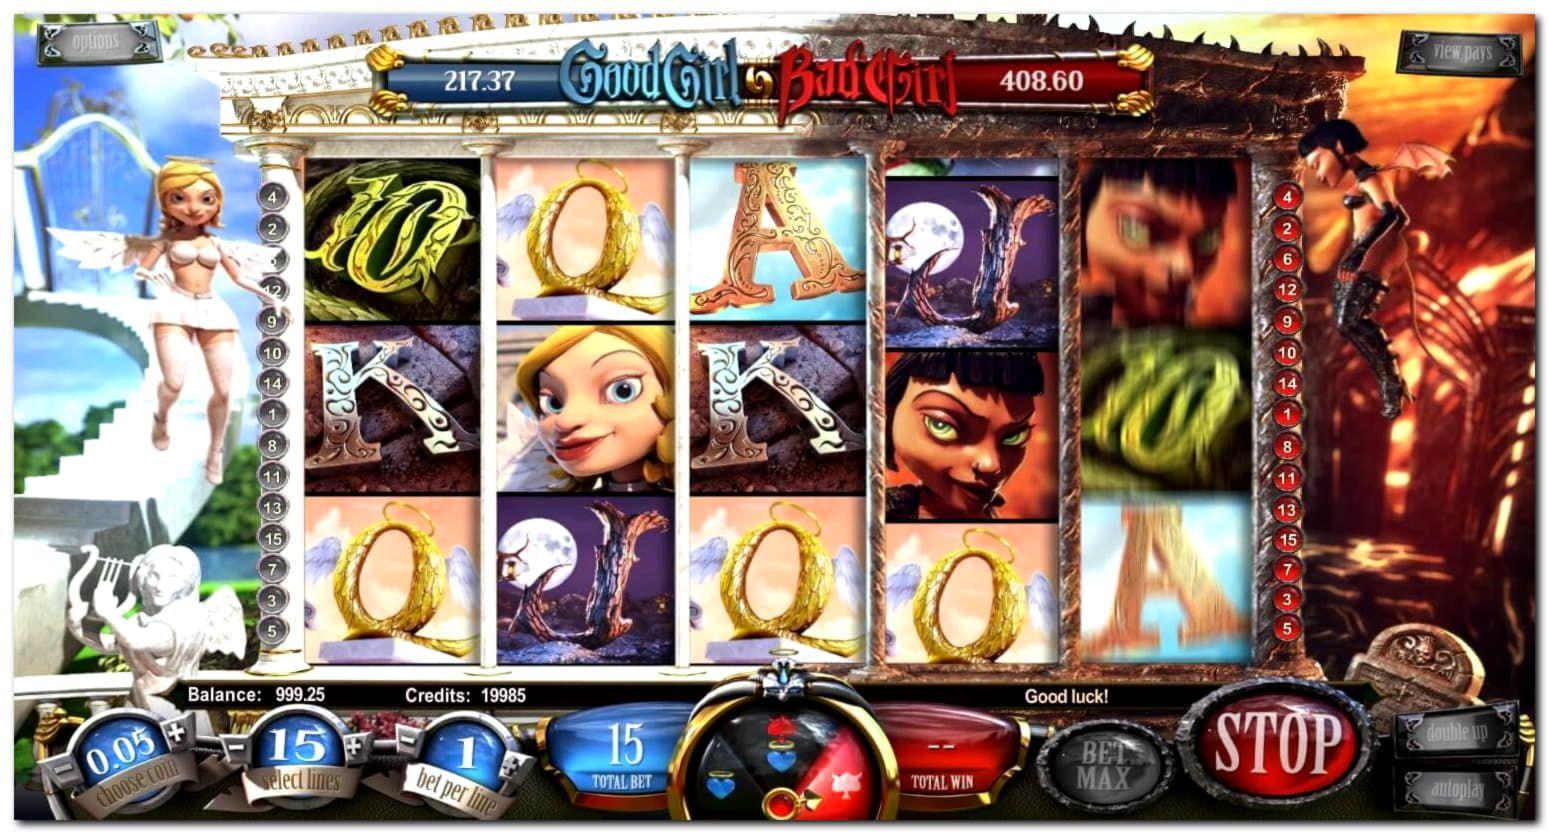 €595 Free Casino Tournament at Sloty Casino 35X